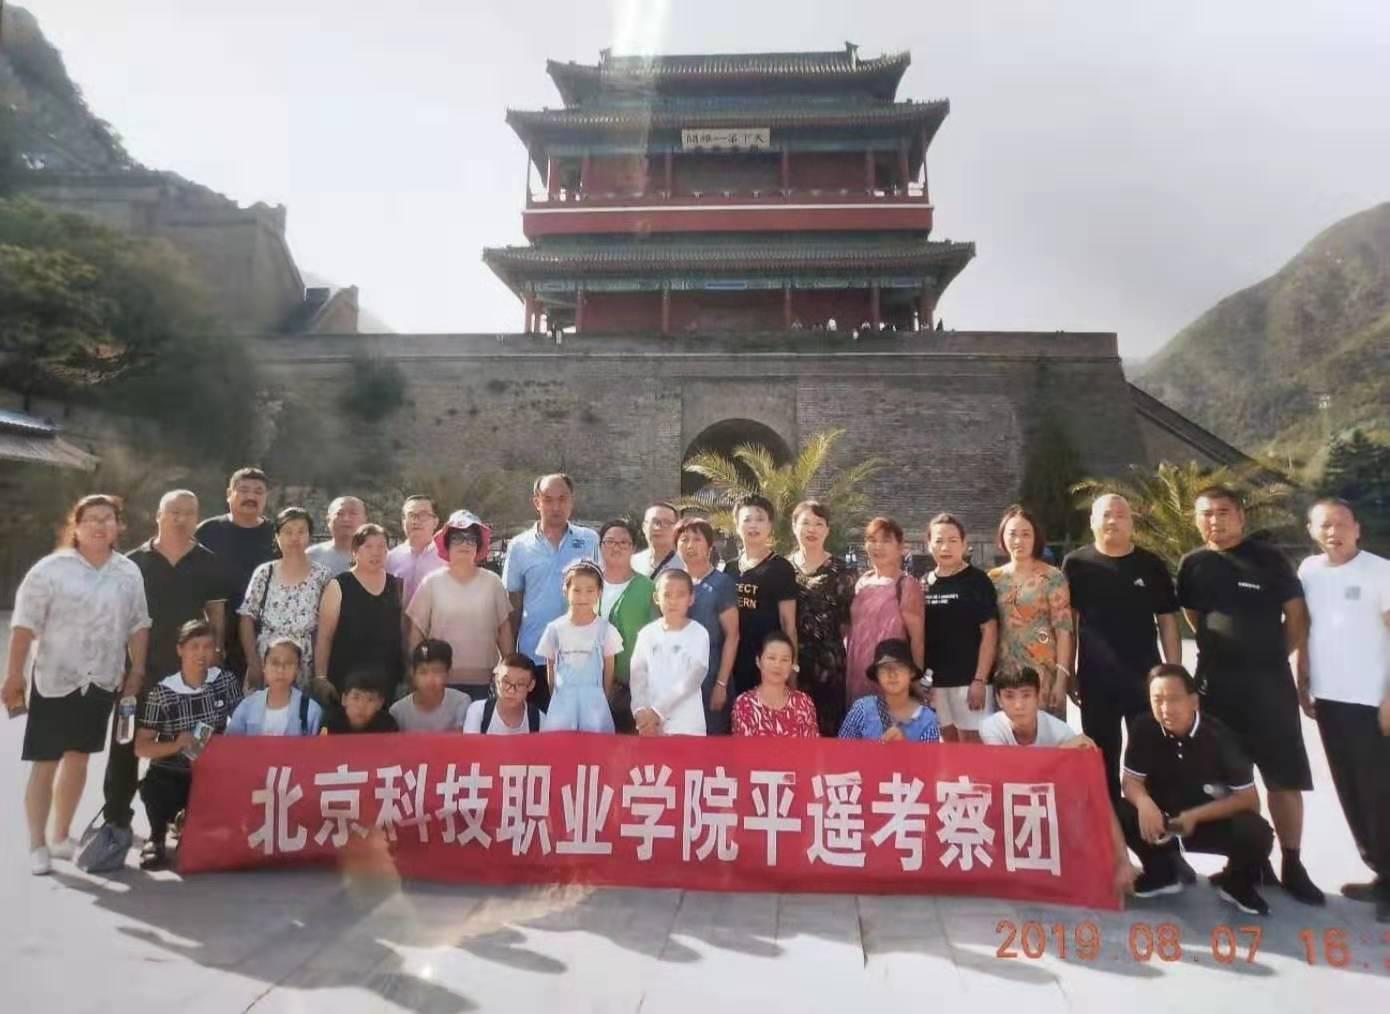 大华教育.成才之路——记北京大华教育平遥考察团